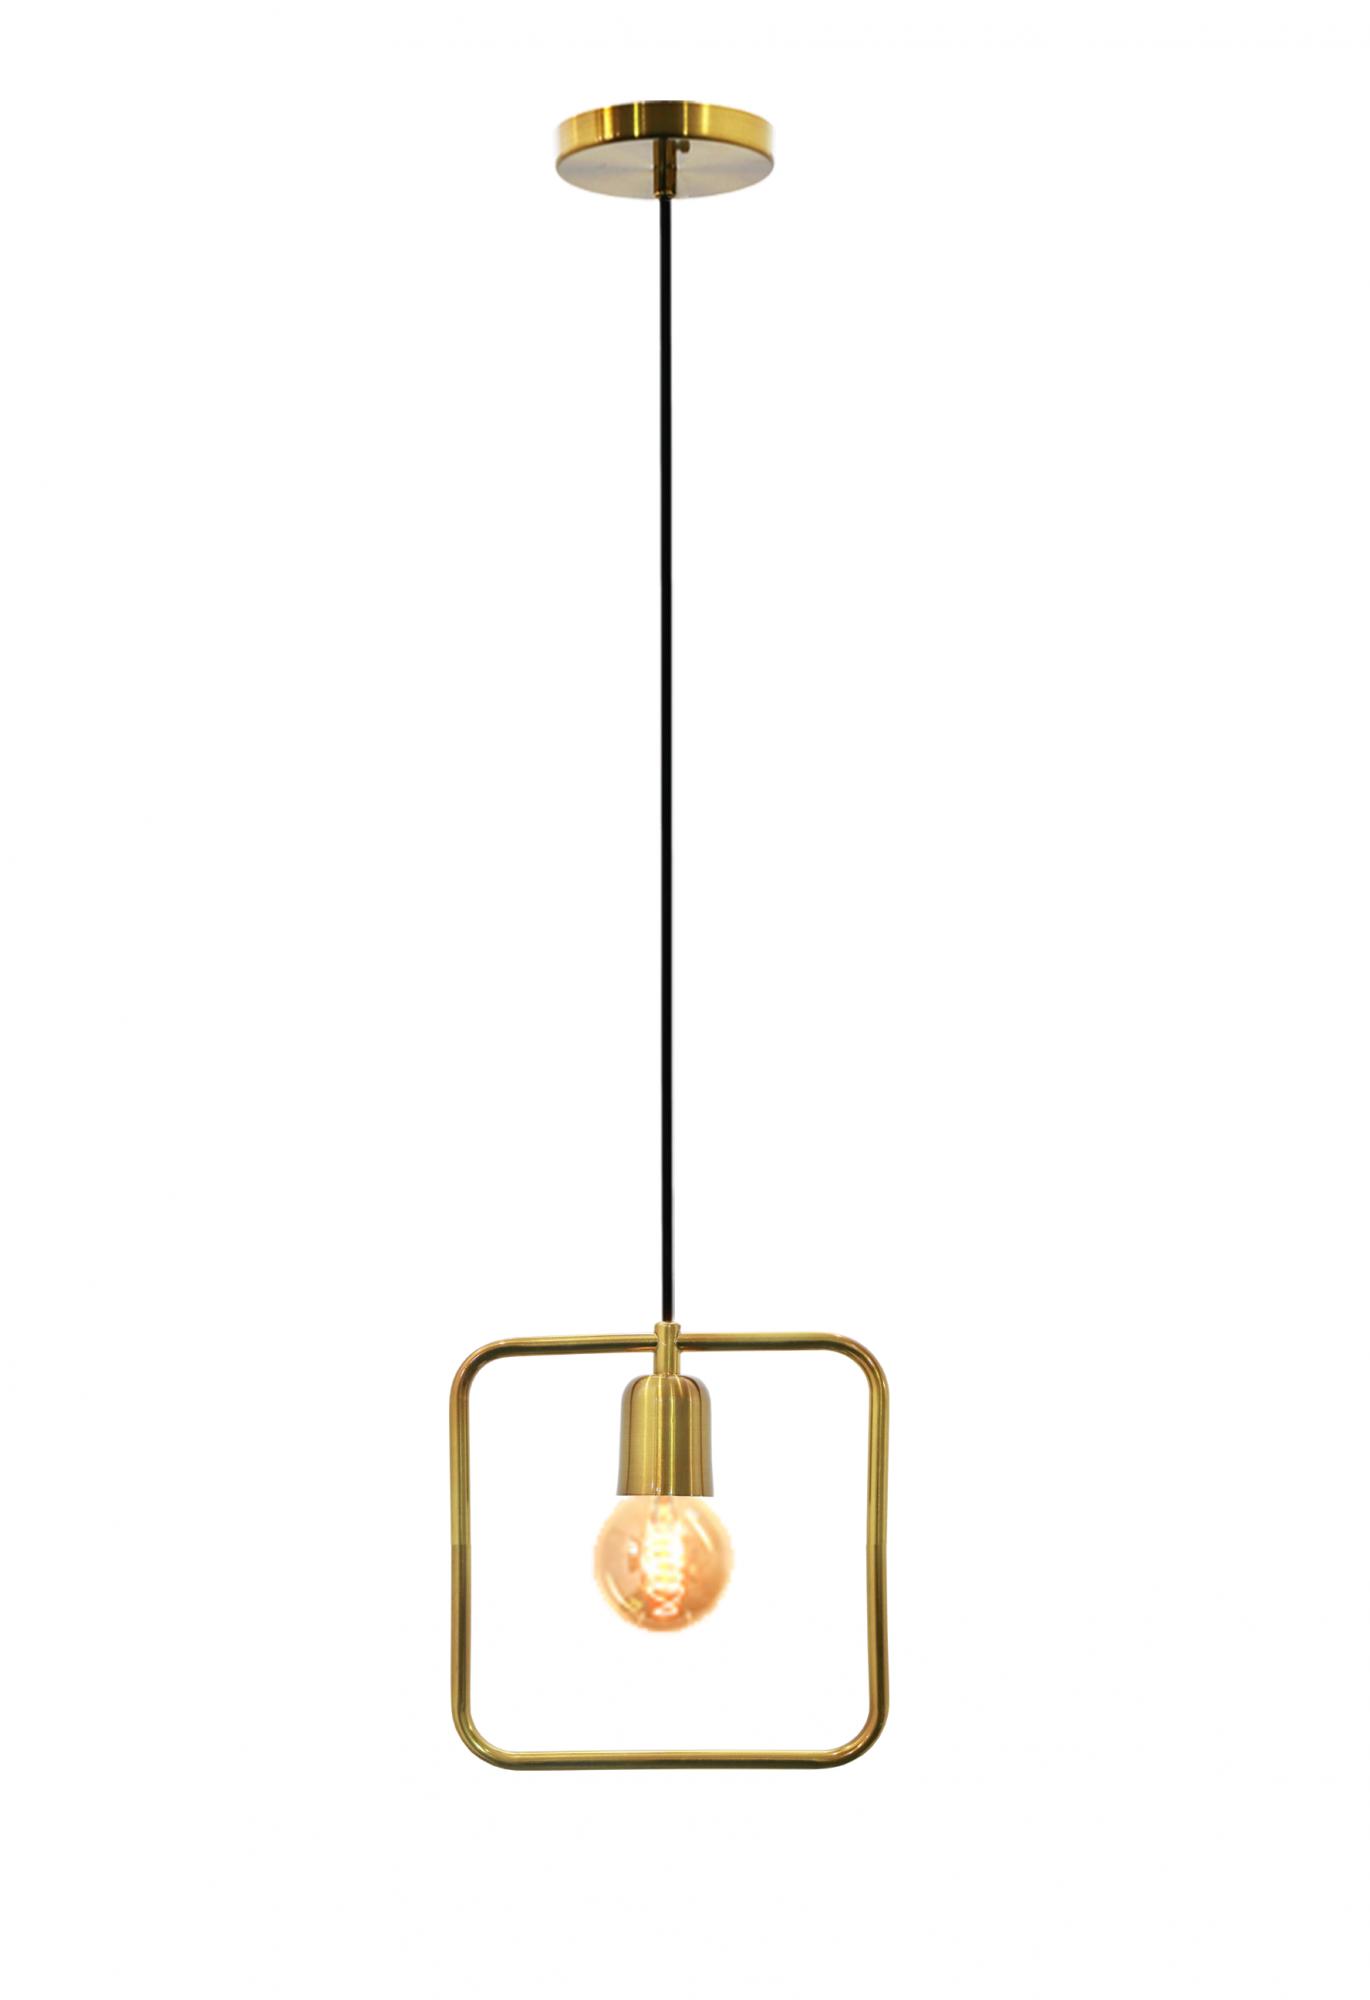 Pendente de cozinha americana com ou sem bancada Lira quadrado verniz ouro 250mm x 250mm para 1x lâmpada E-27